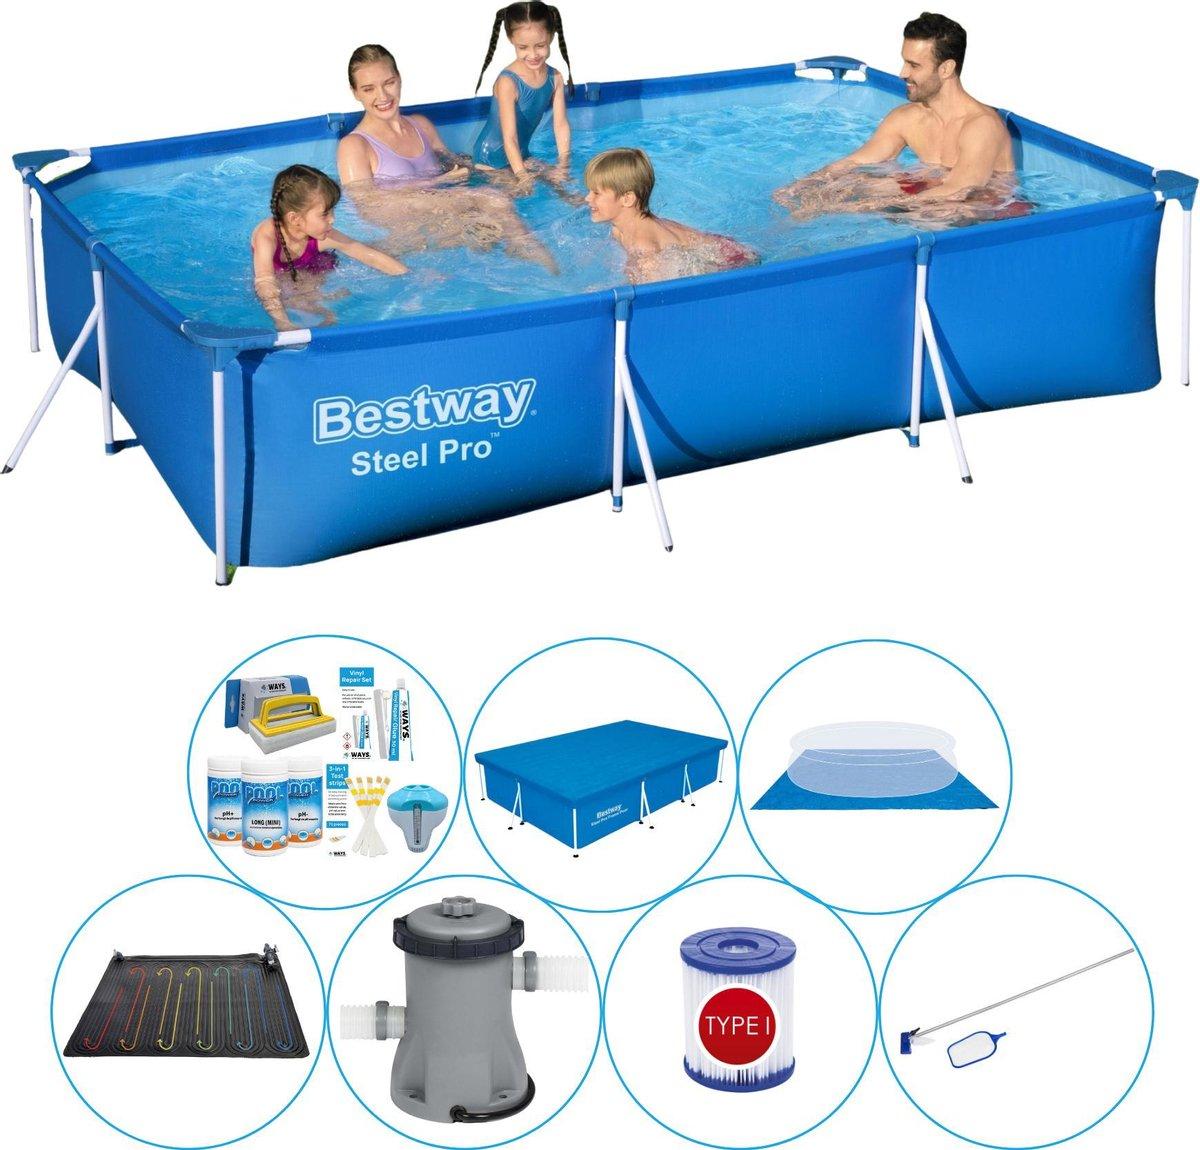 Bestway rechthoekig zwembad pakket - 300 x 201 x 66 cm - grondzeil - filterpomp - onderhoudsset